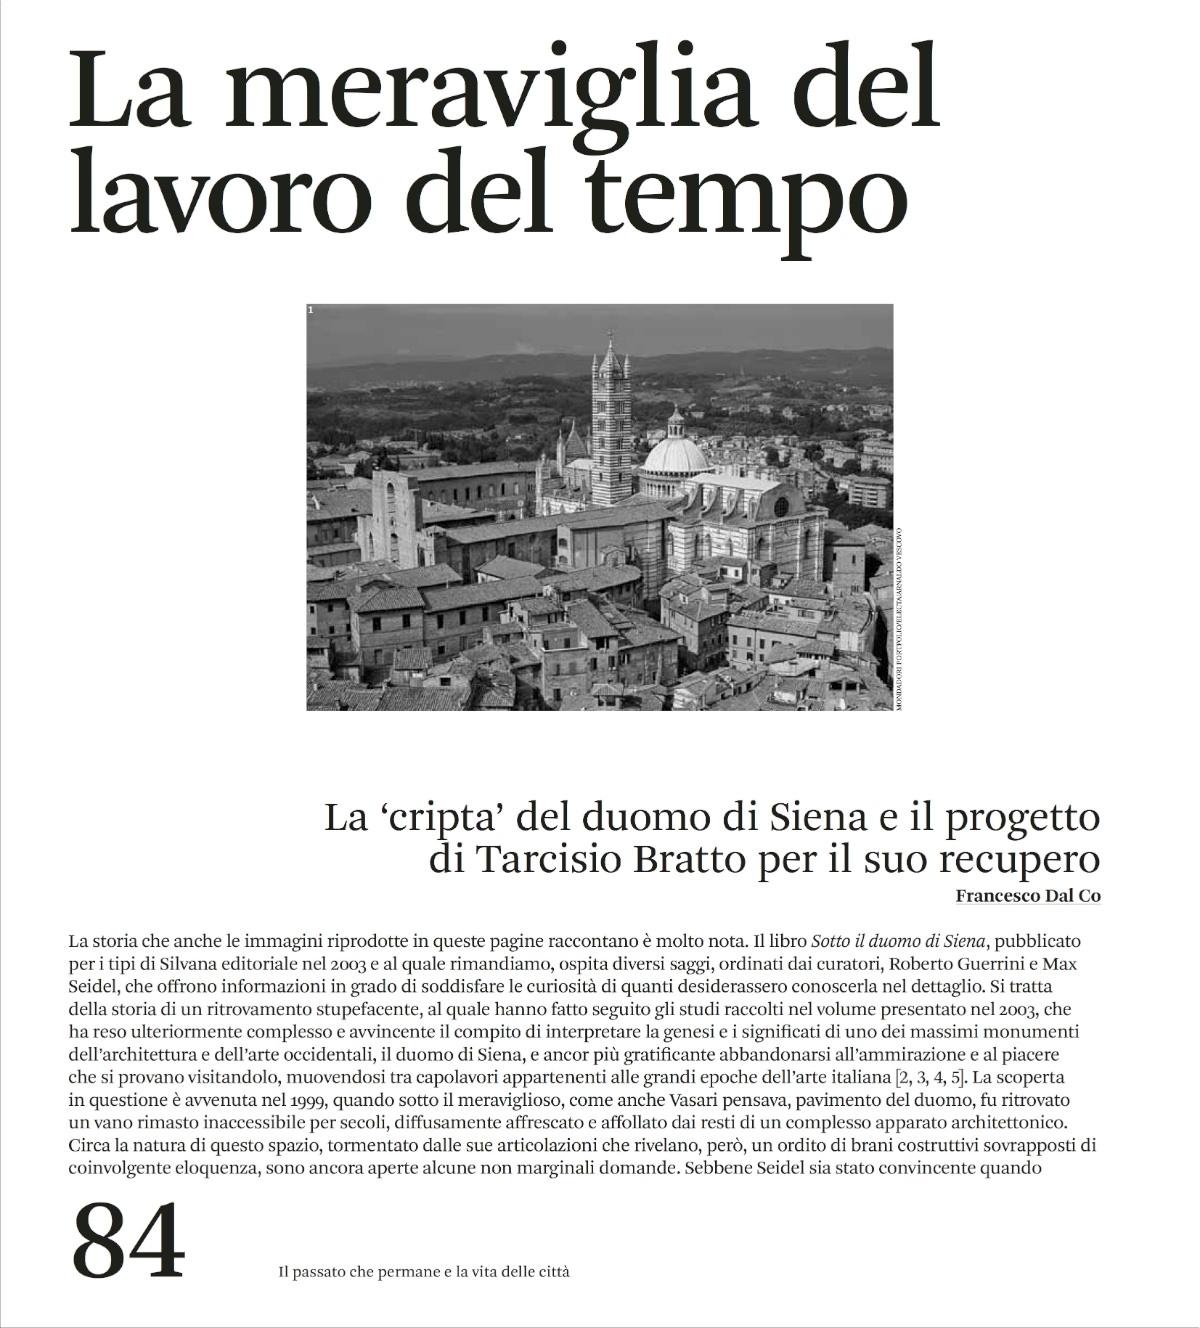 cripta-duomo-siena-878-p84